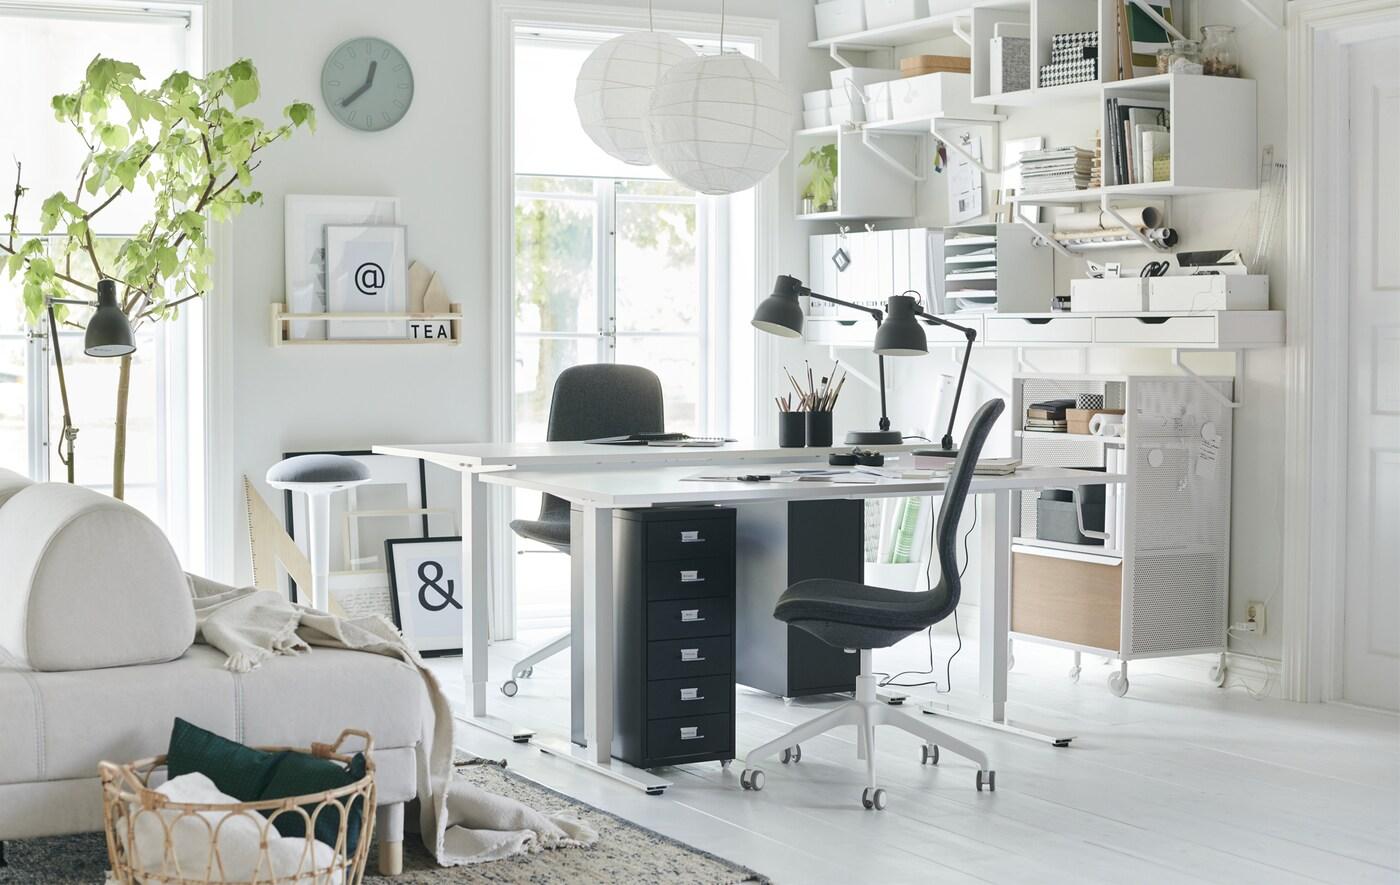 2 skriveborde og 2 kontorstole i et hjørne af en hvid stue med vægopbevaring.